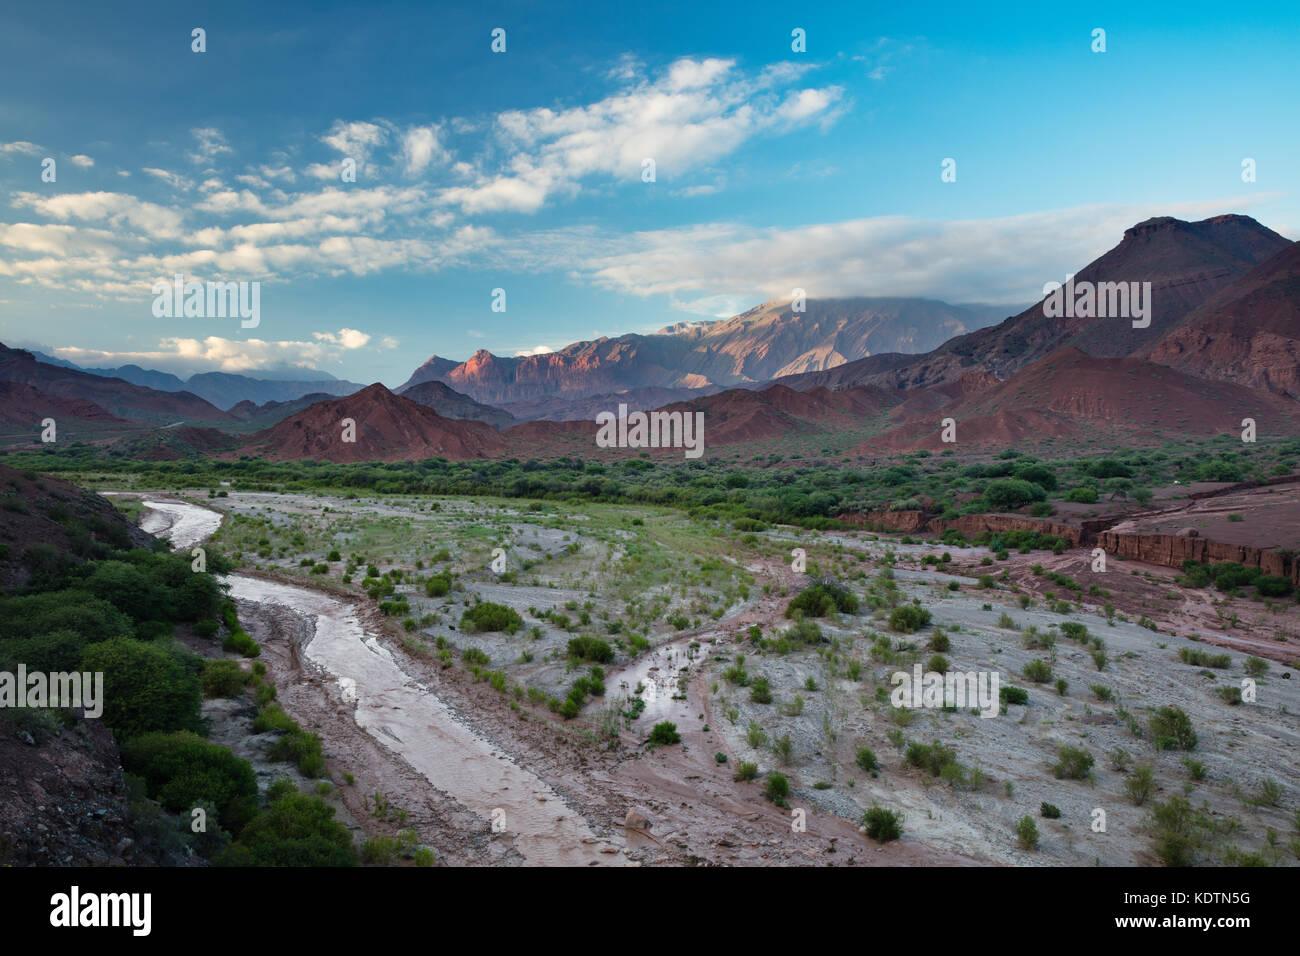 La Quebrada de la conches, valles calchaquies, la province de Salta, Argentine Banque D'Images